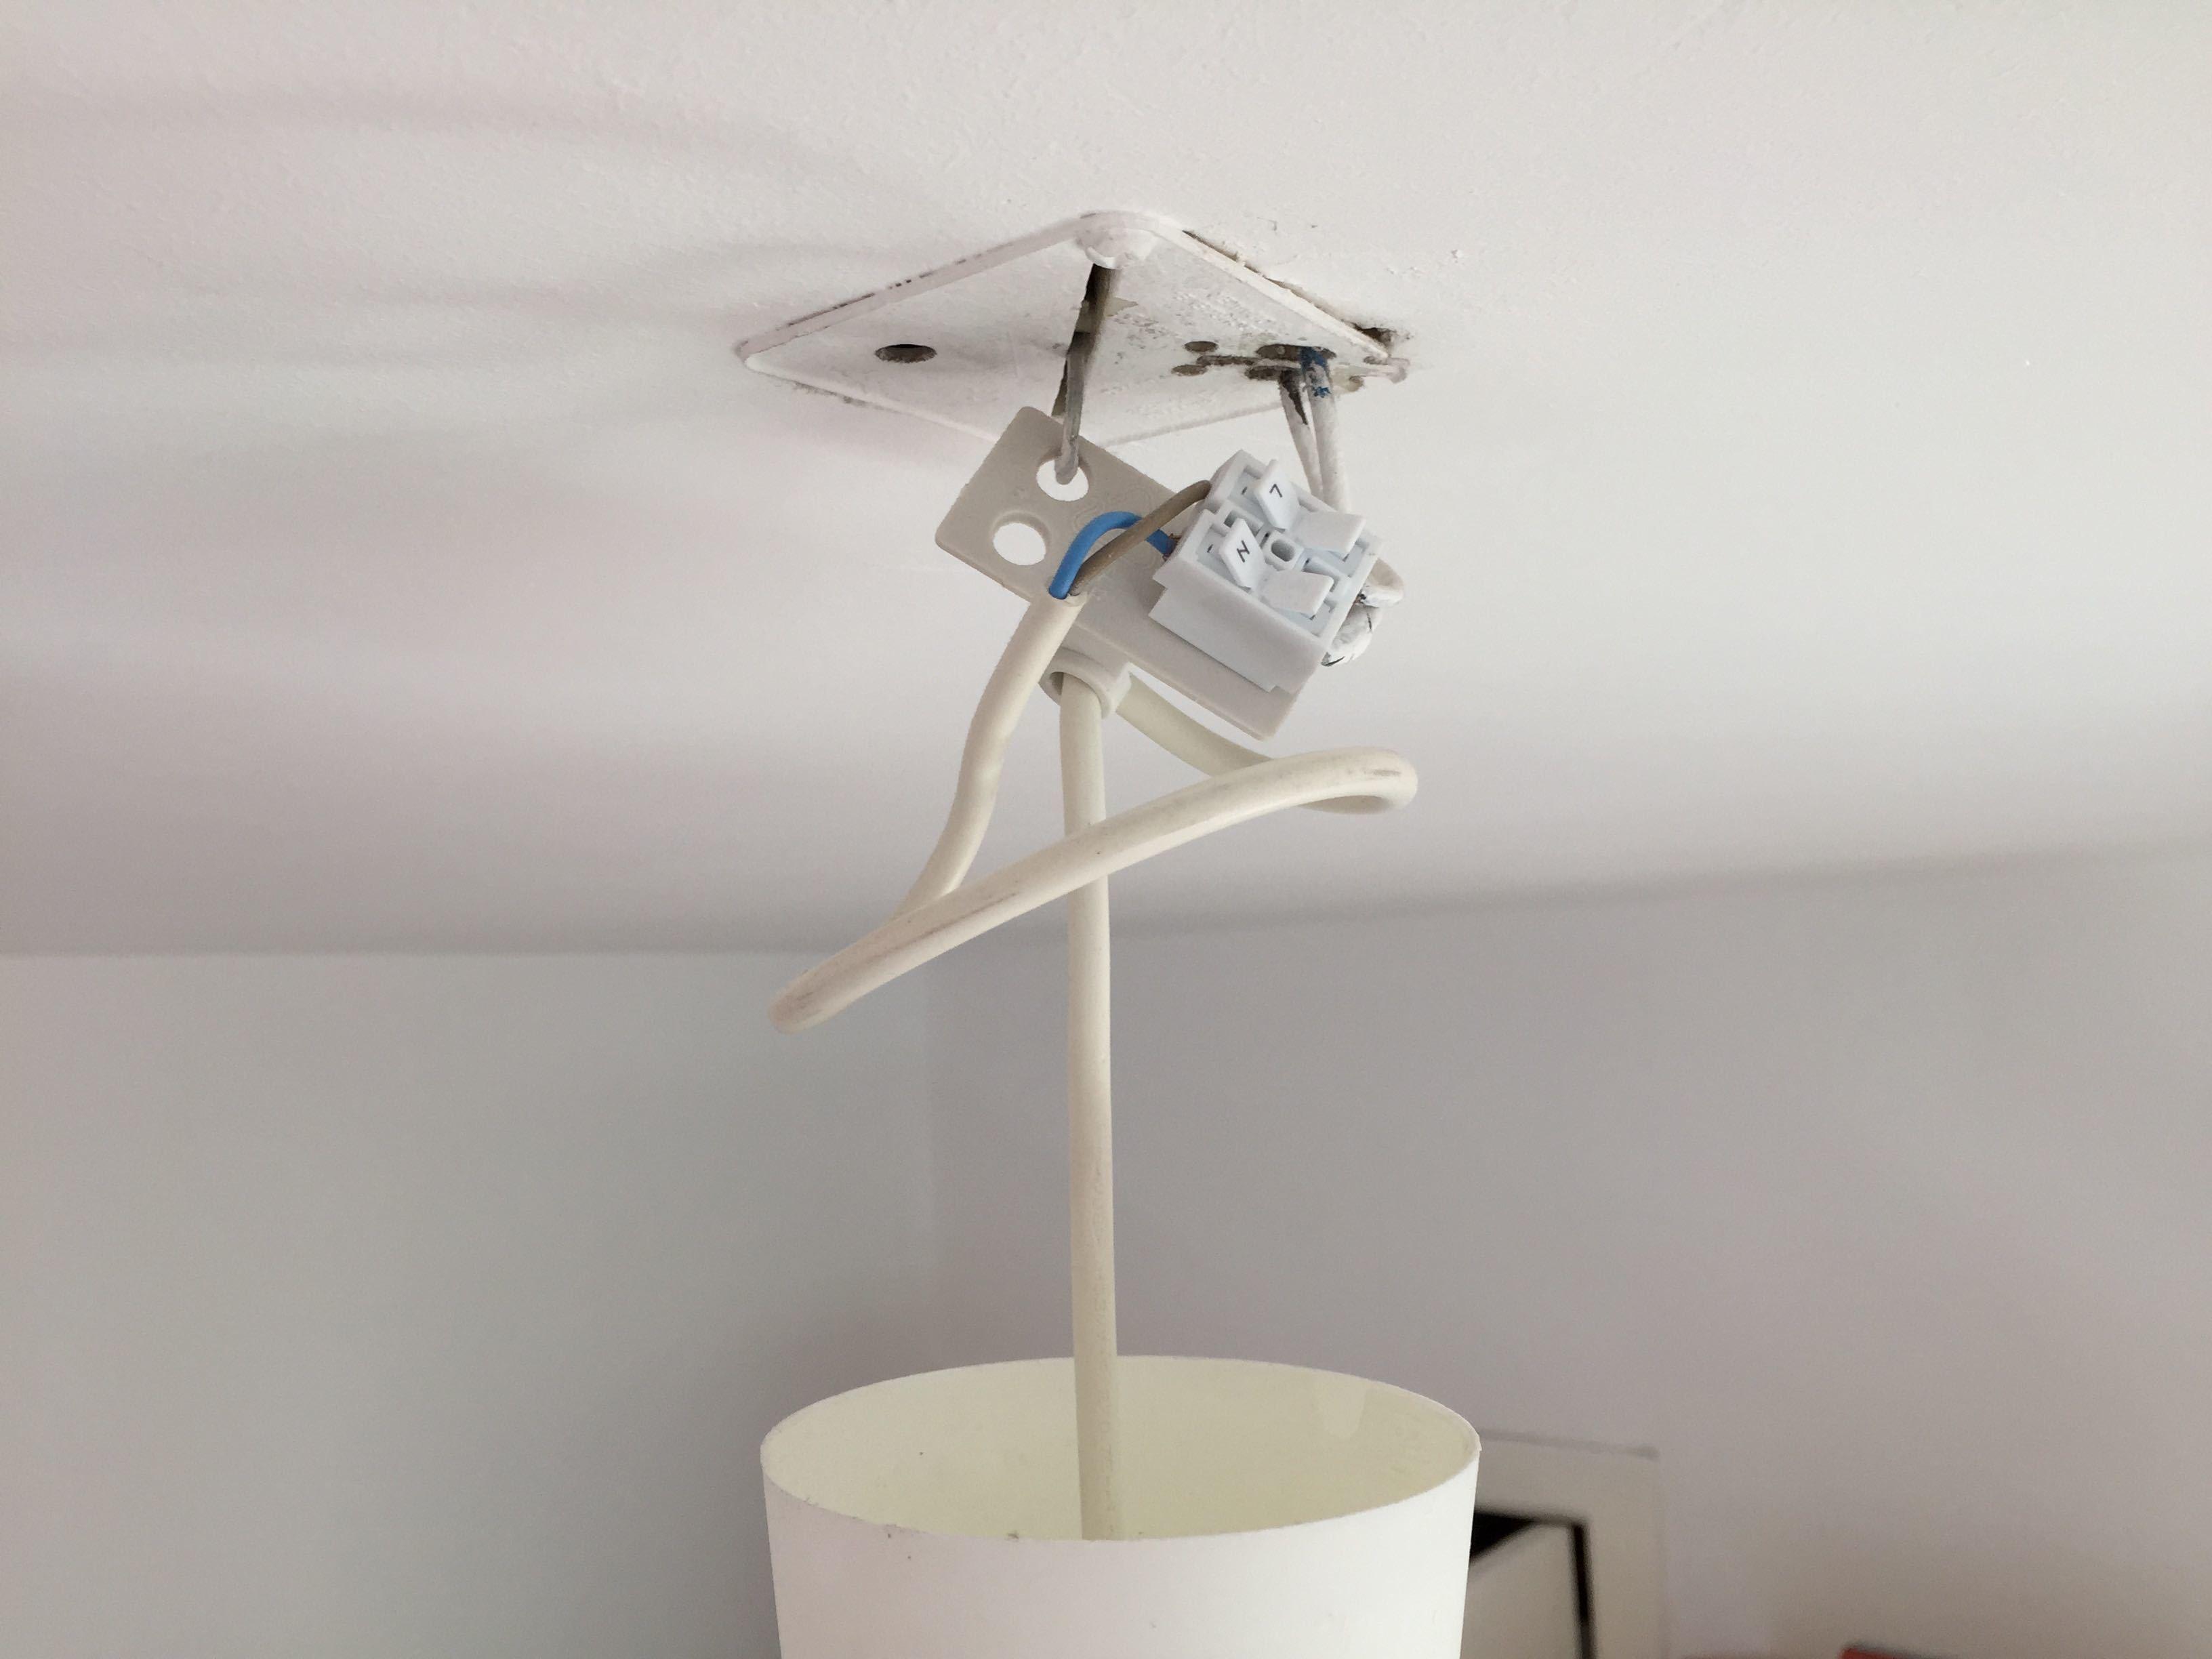 Twee Lampen Ophangen : Lamp ophangen brico voor de makers